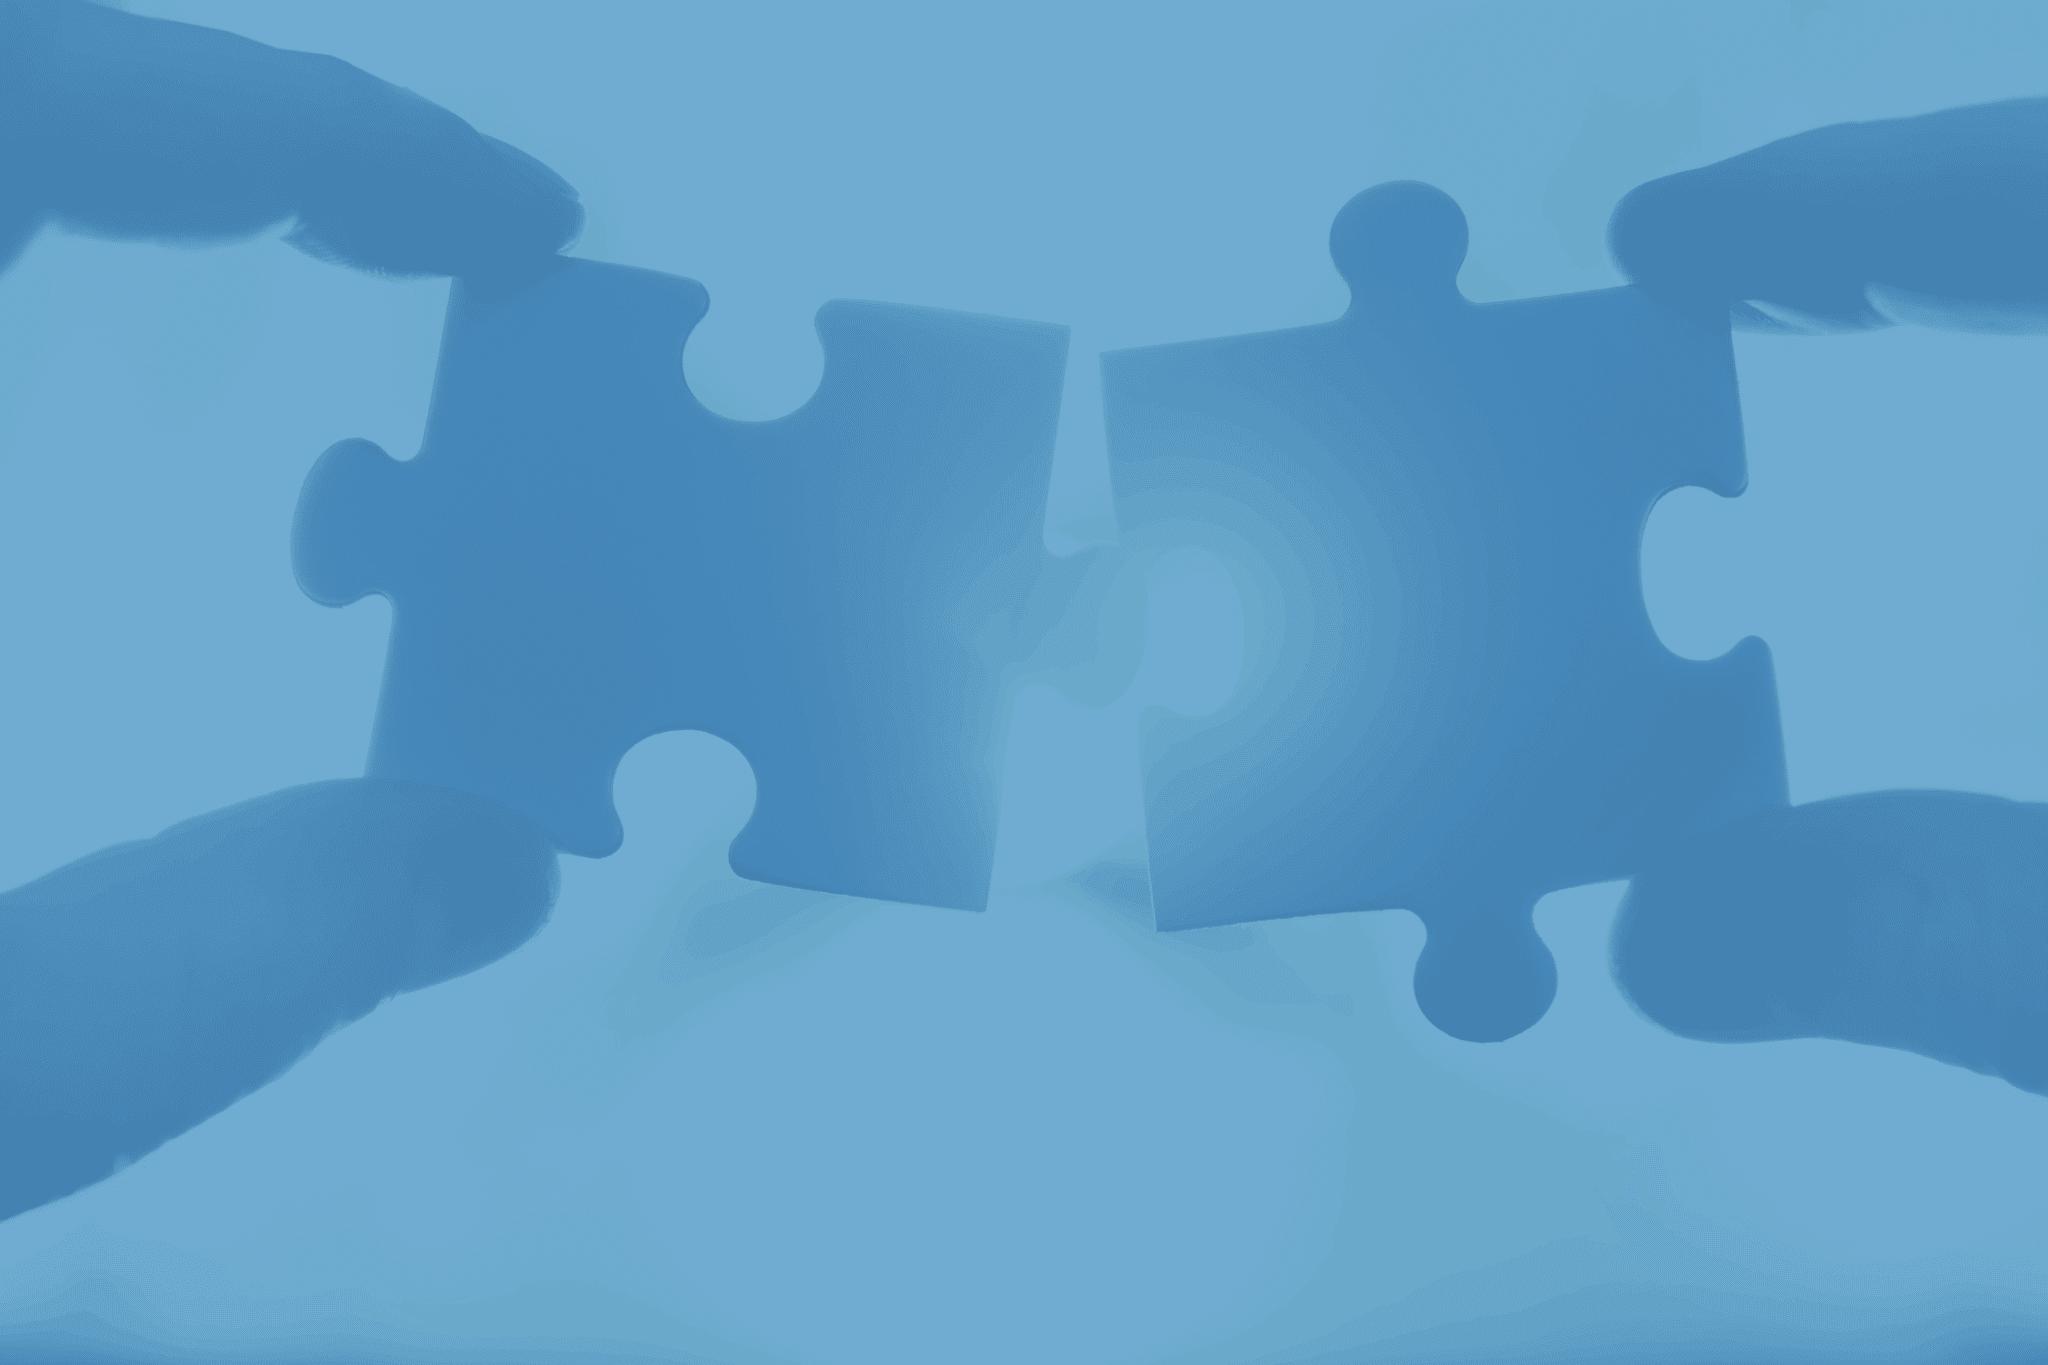 Pourquoi le marketing automation est-il le parfait complément de l'inbound marketing?